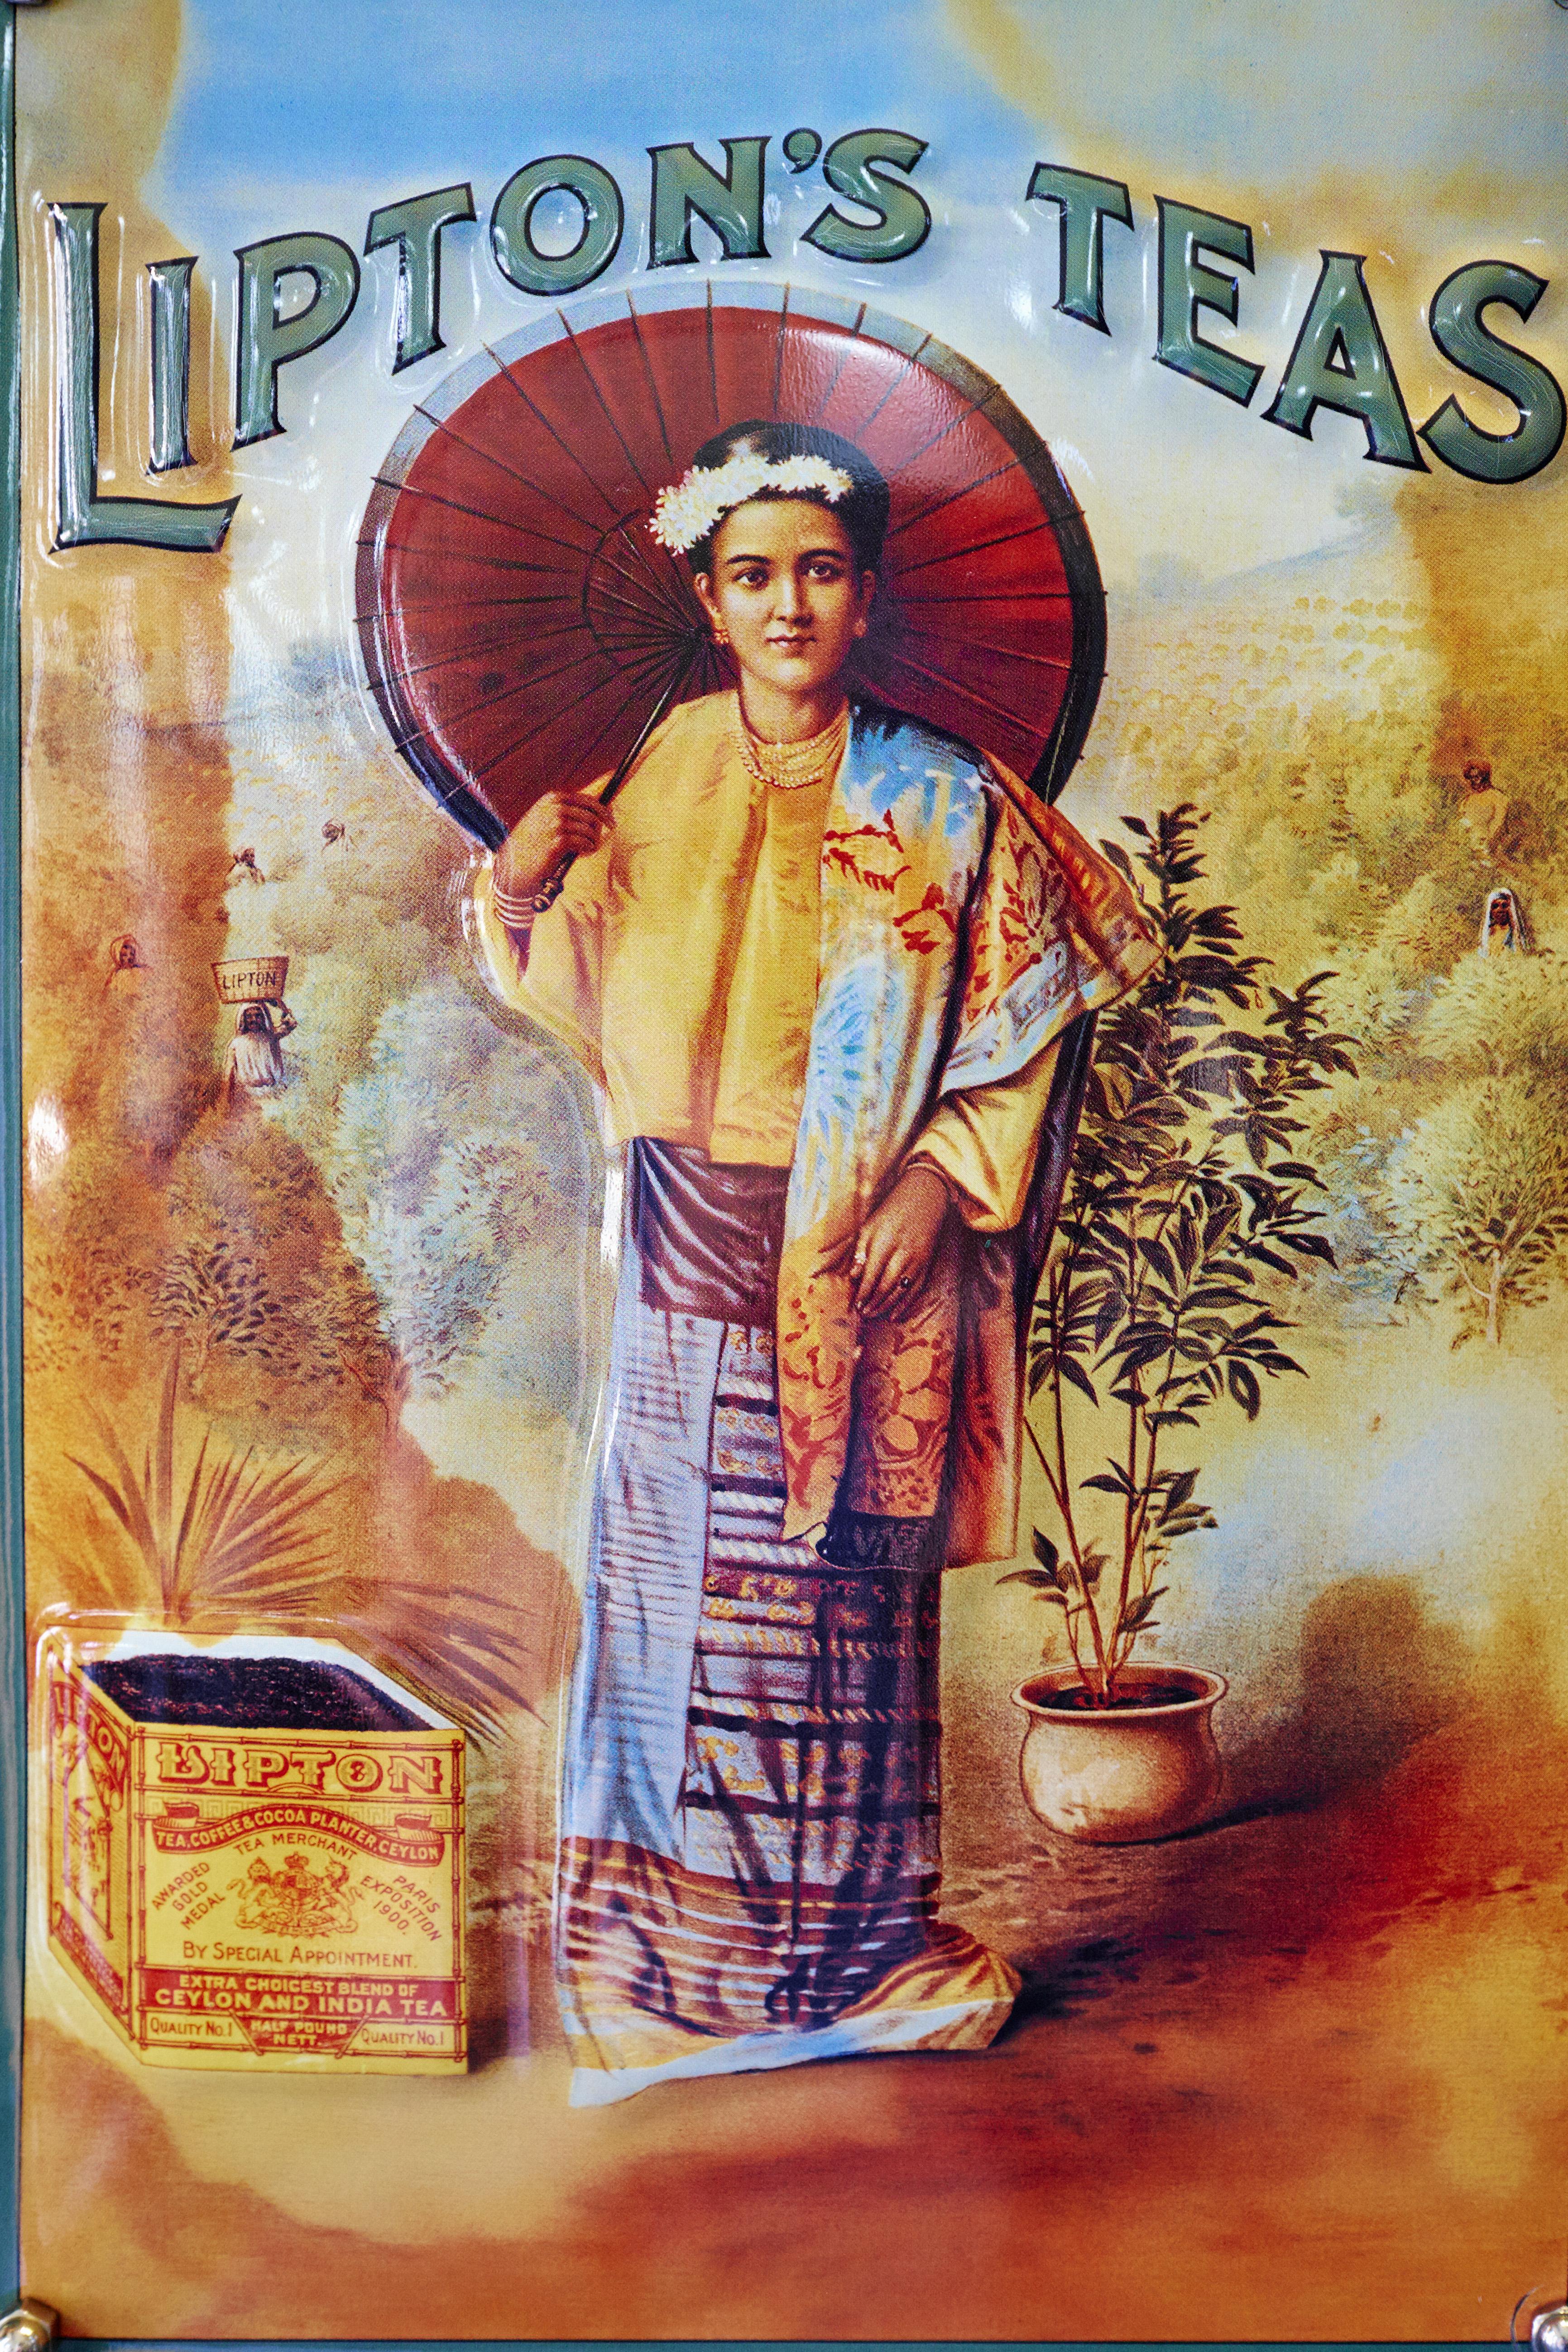 Sri Lanka, Nuwara Eliya, tea shop